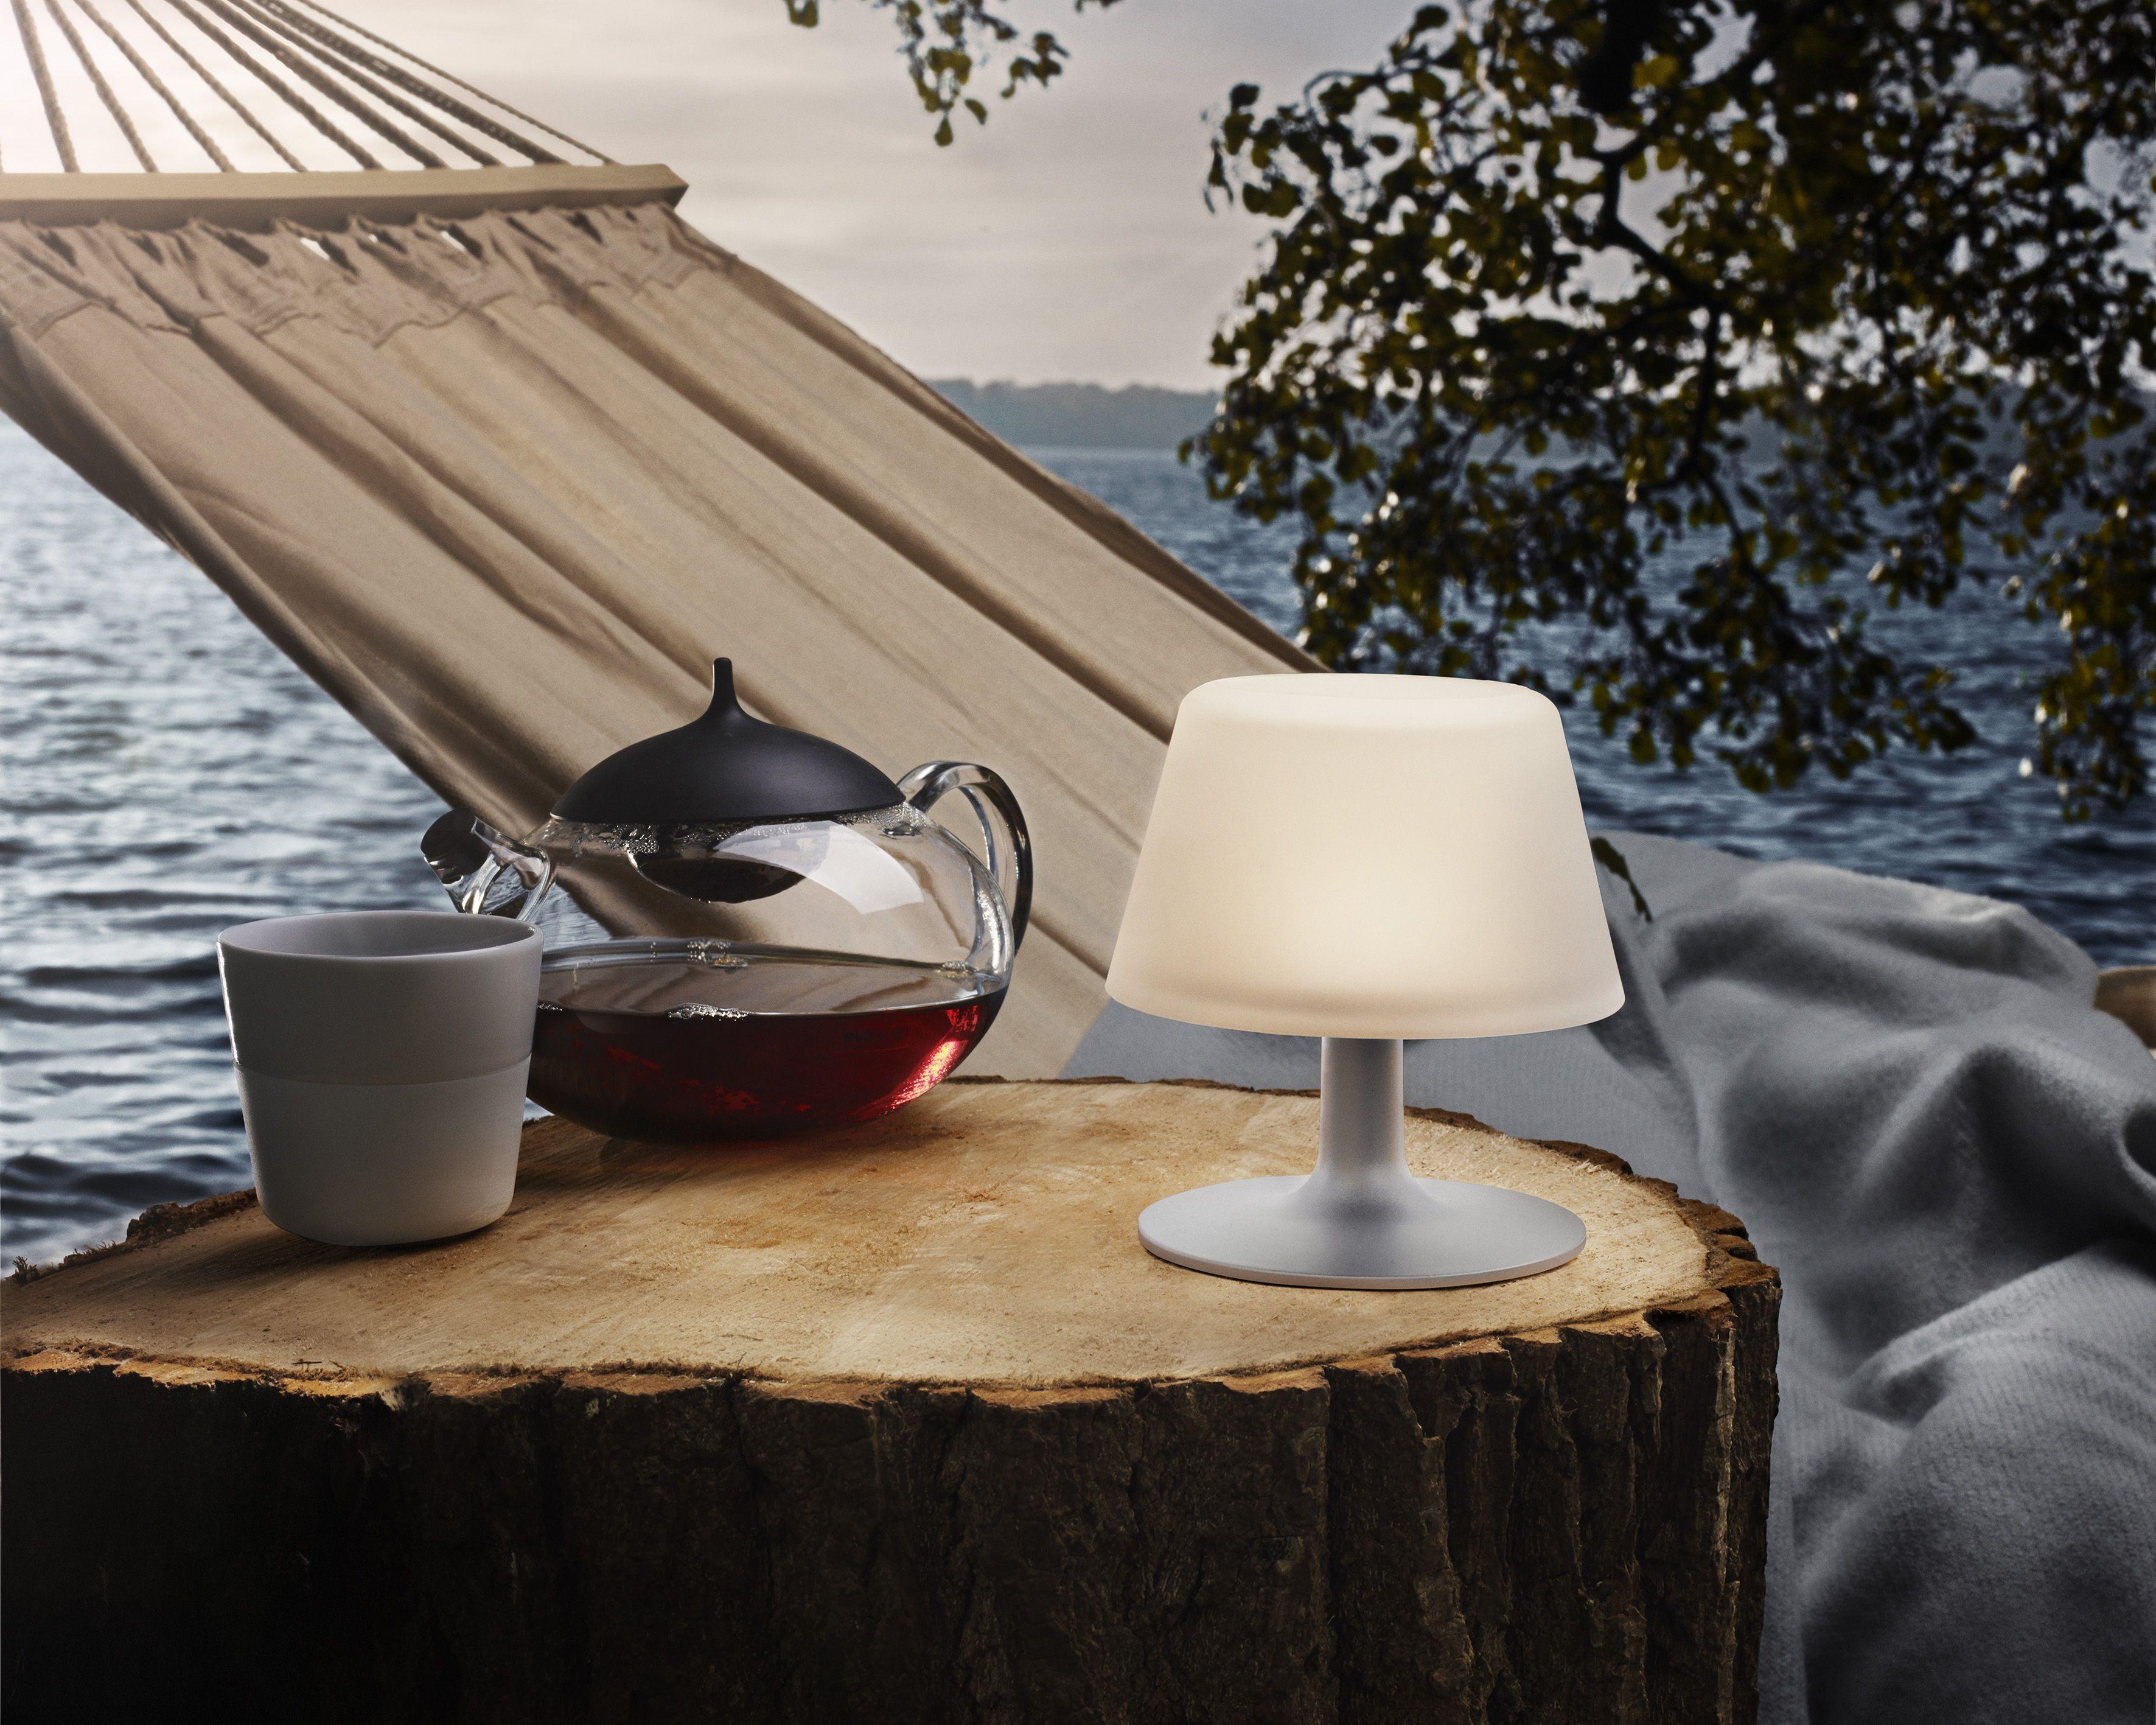 bff3c2e5b35afbf598d97e83176453e9 Résultat Supérieur 60 Luxe Lampe De Table Sans Fil Photos 2018 Kdh6